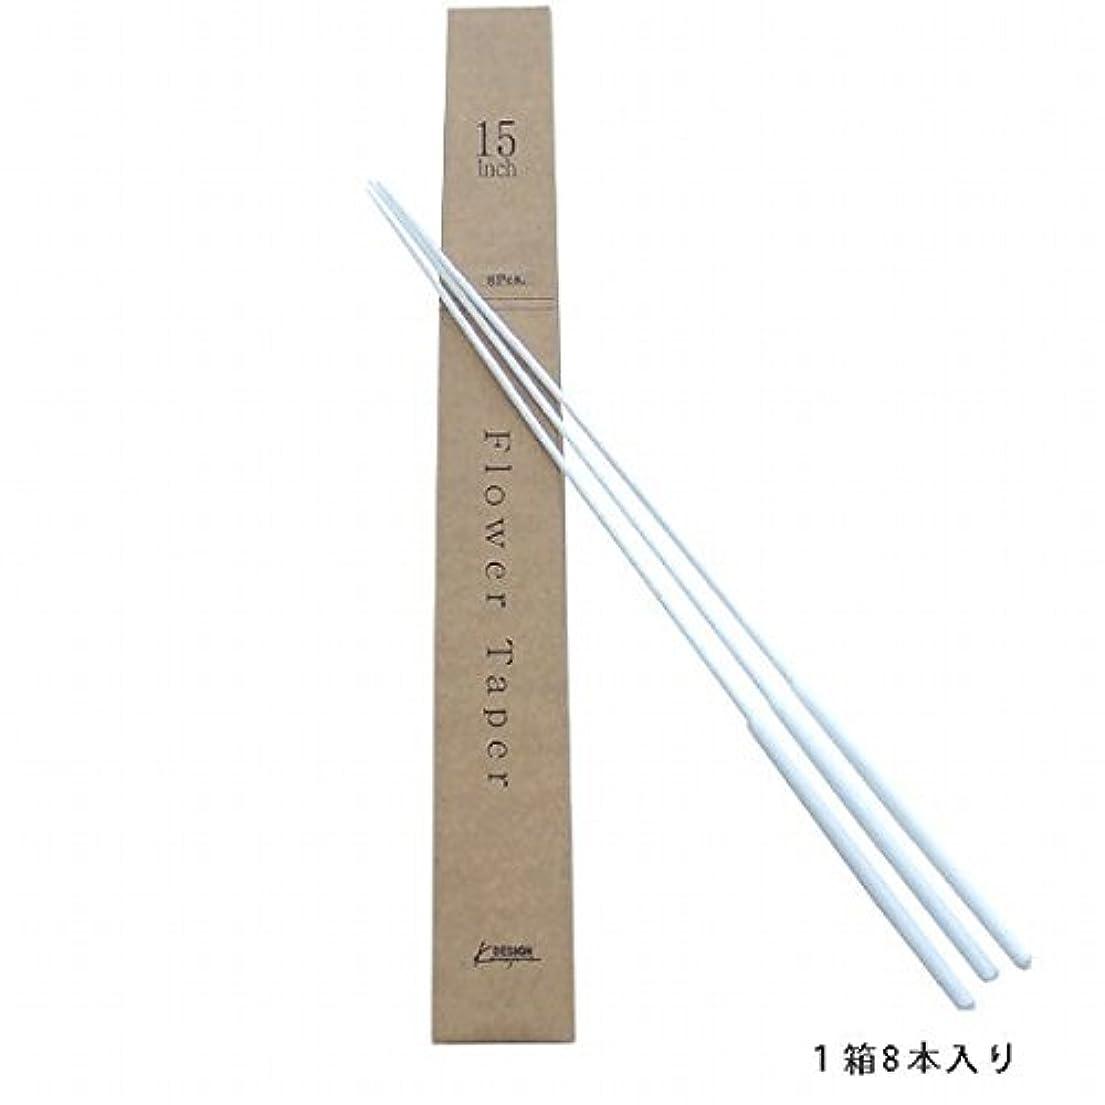 通行料金肌スーツケースカメヤマキャンドル( kameyama candle ) 15インチトーチ用フラワーテーパー 8本入 「 ホワイト 」